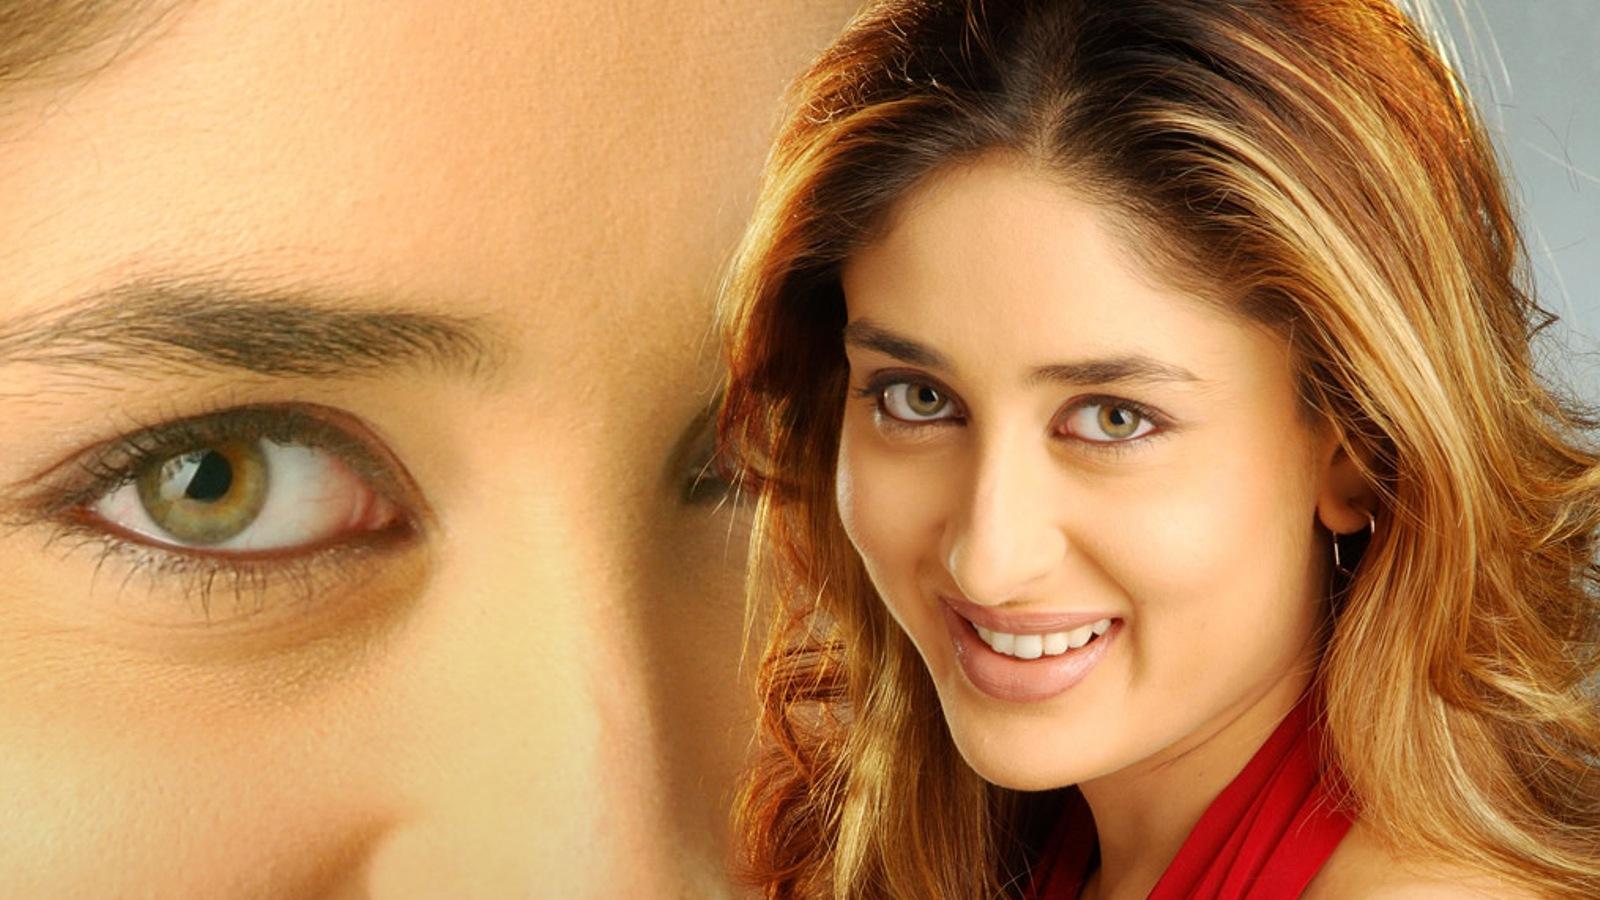 Mahi aunty 02 full length telugu movie ravi krishna silpa nisha - 2 3